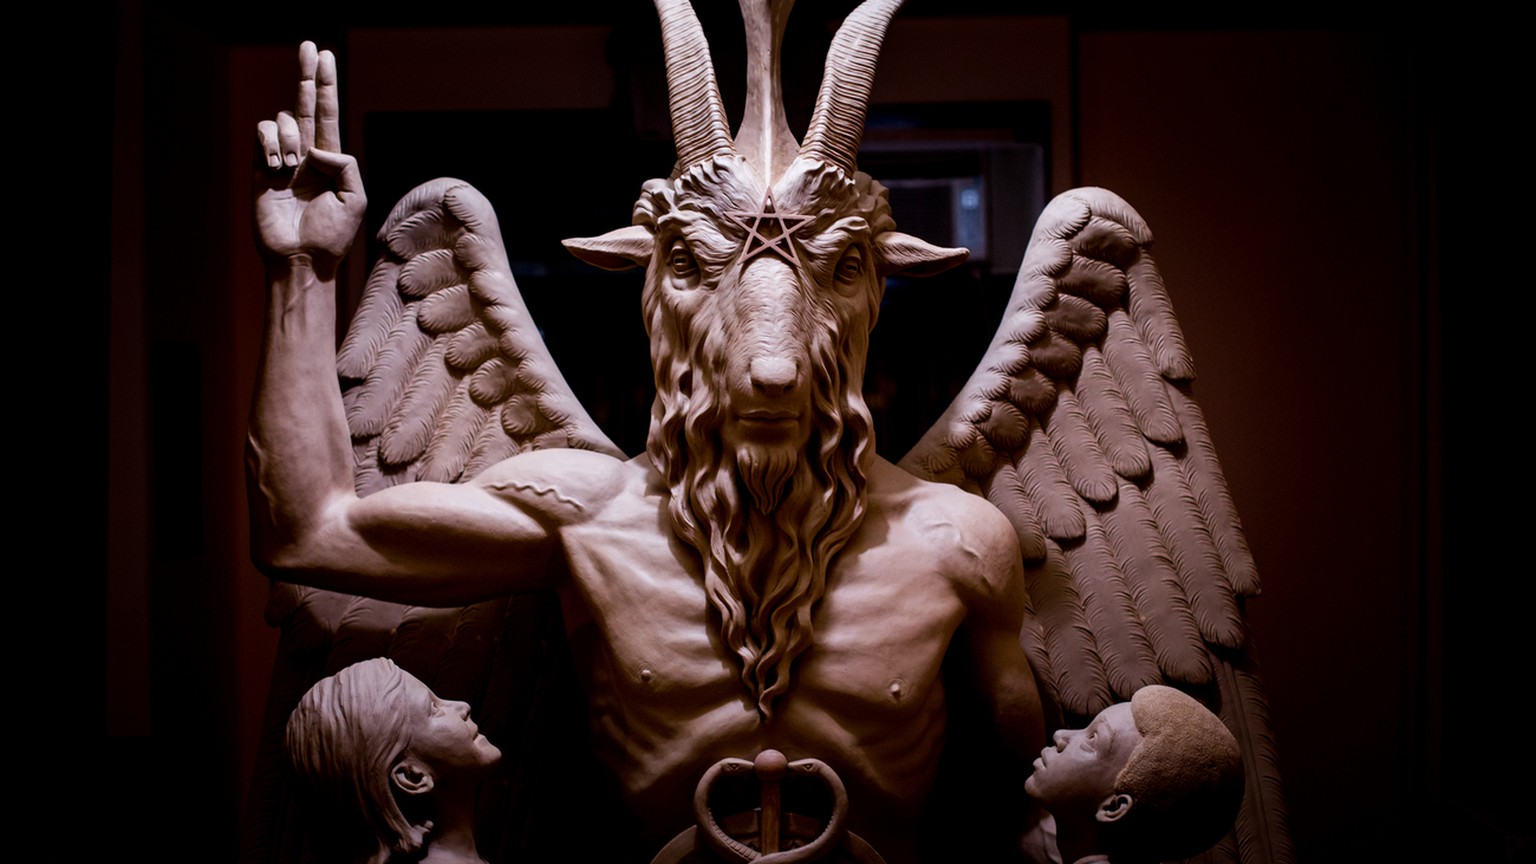 Wenn Gott Und Satan Eine Wette Machen Sterben Kinder Watson